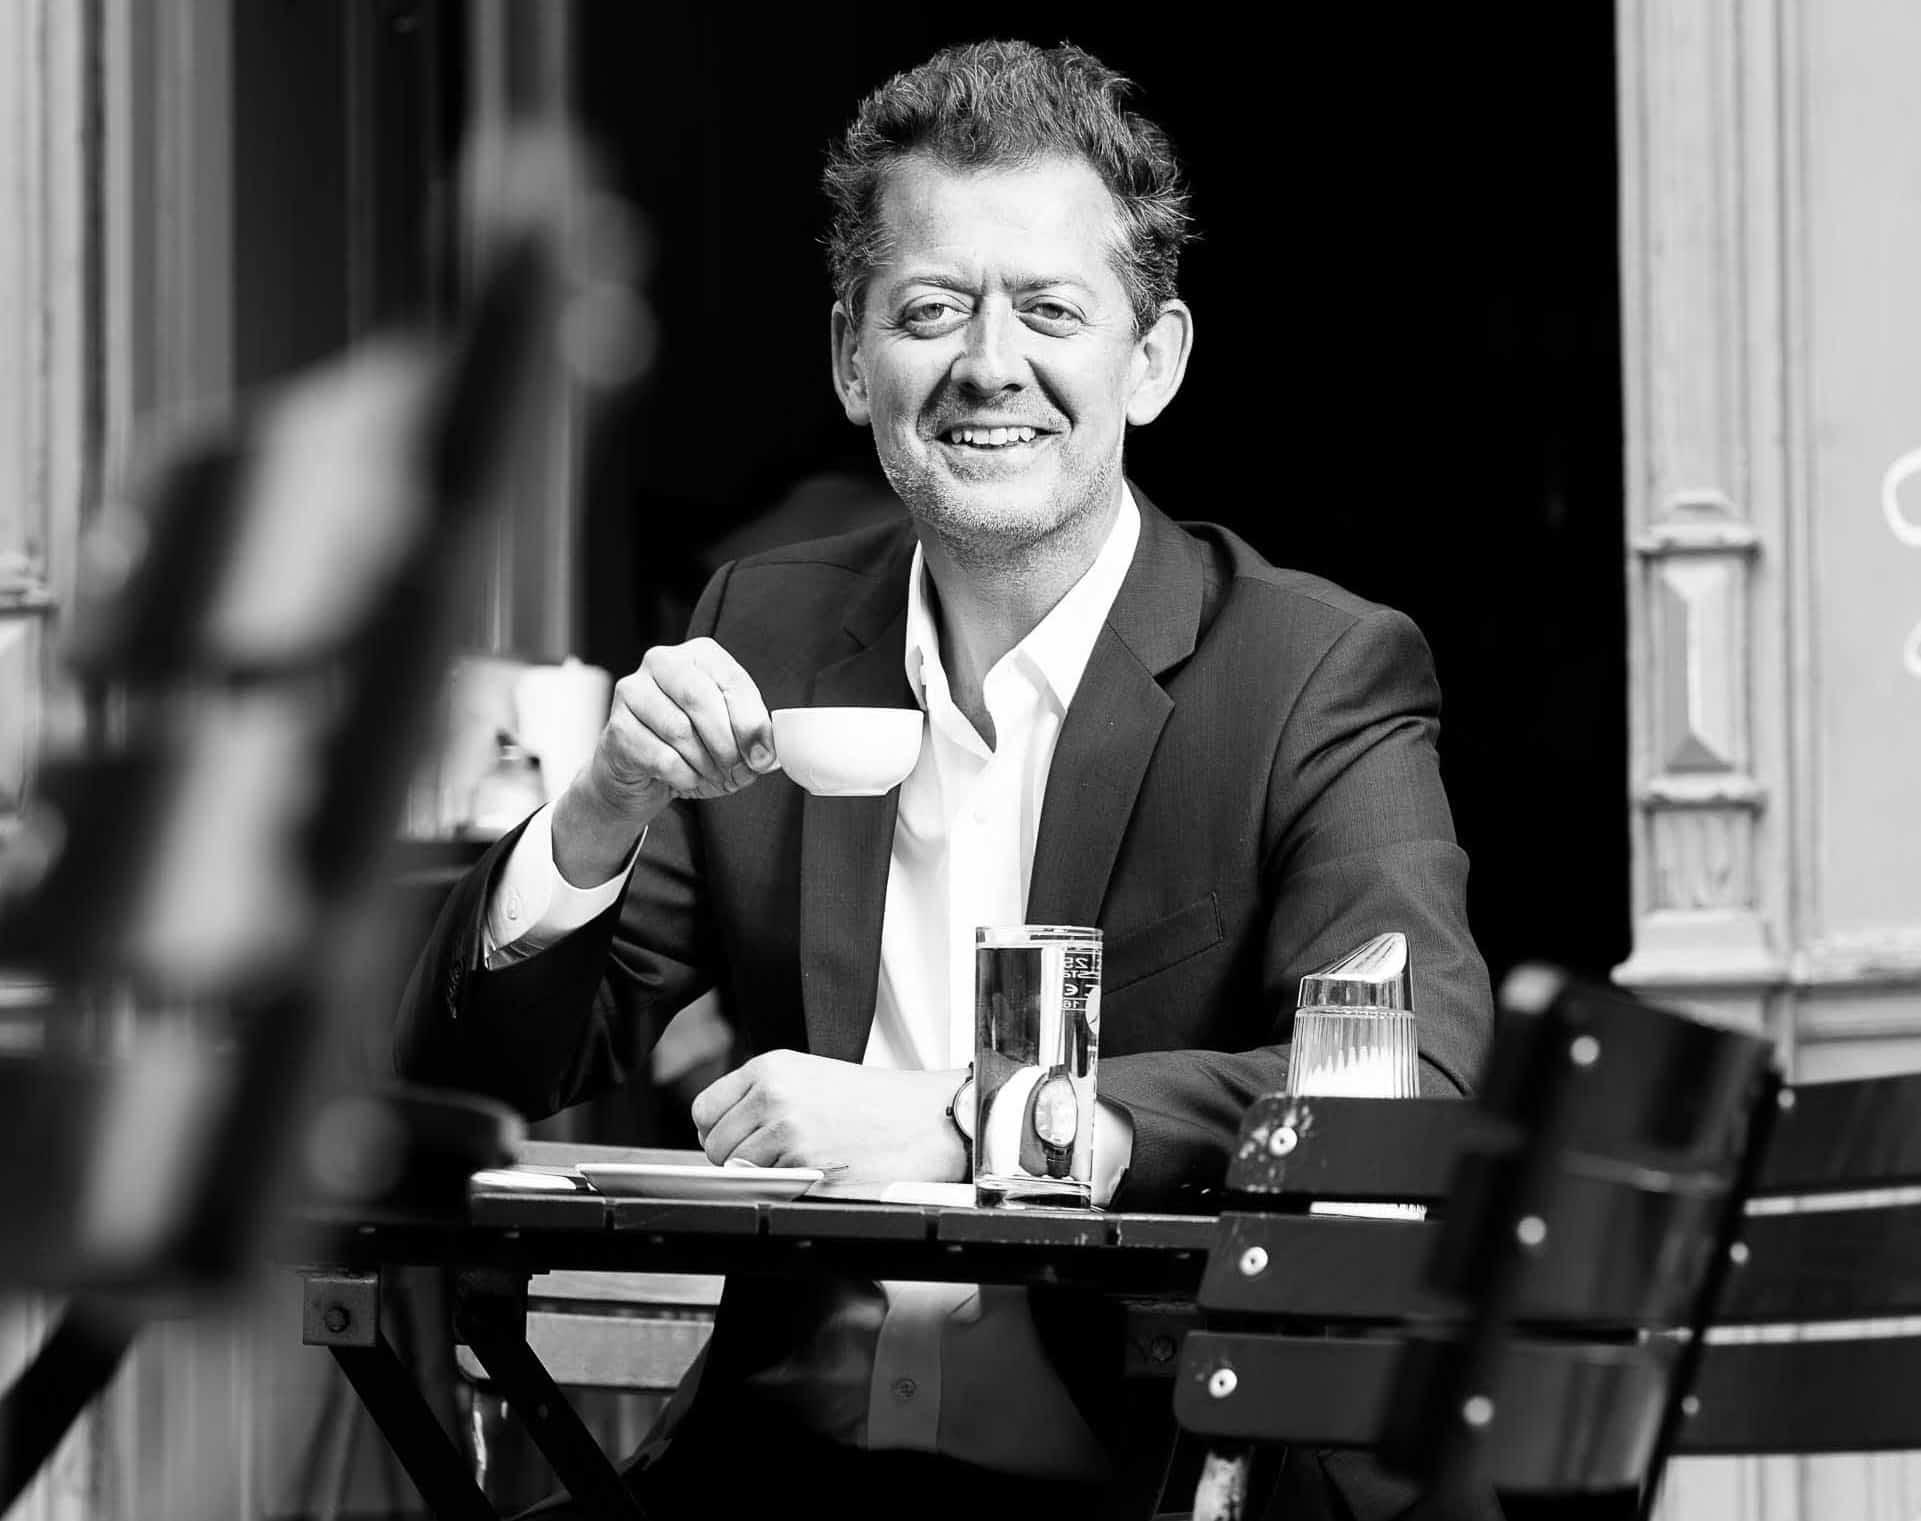 Miteigentümer Robert Punkenhofer beim Wiener Pflichtvergnügen - dem Besuch eines Kaffeehauses